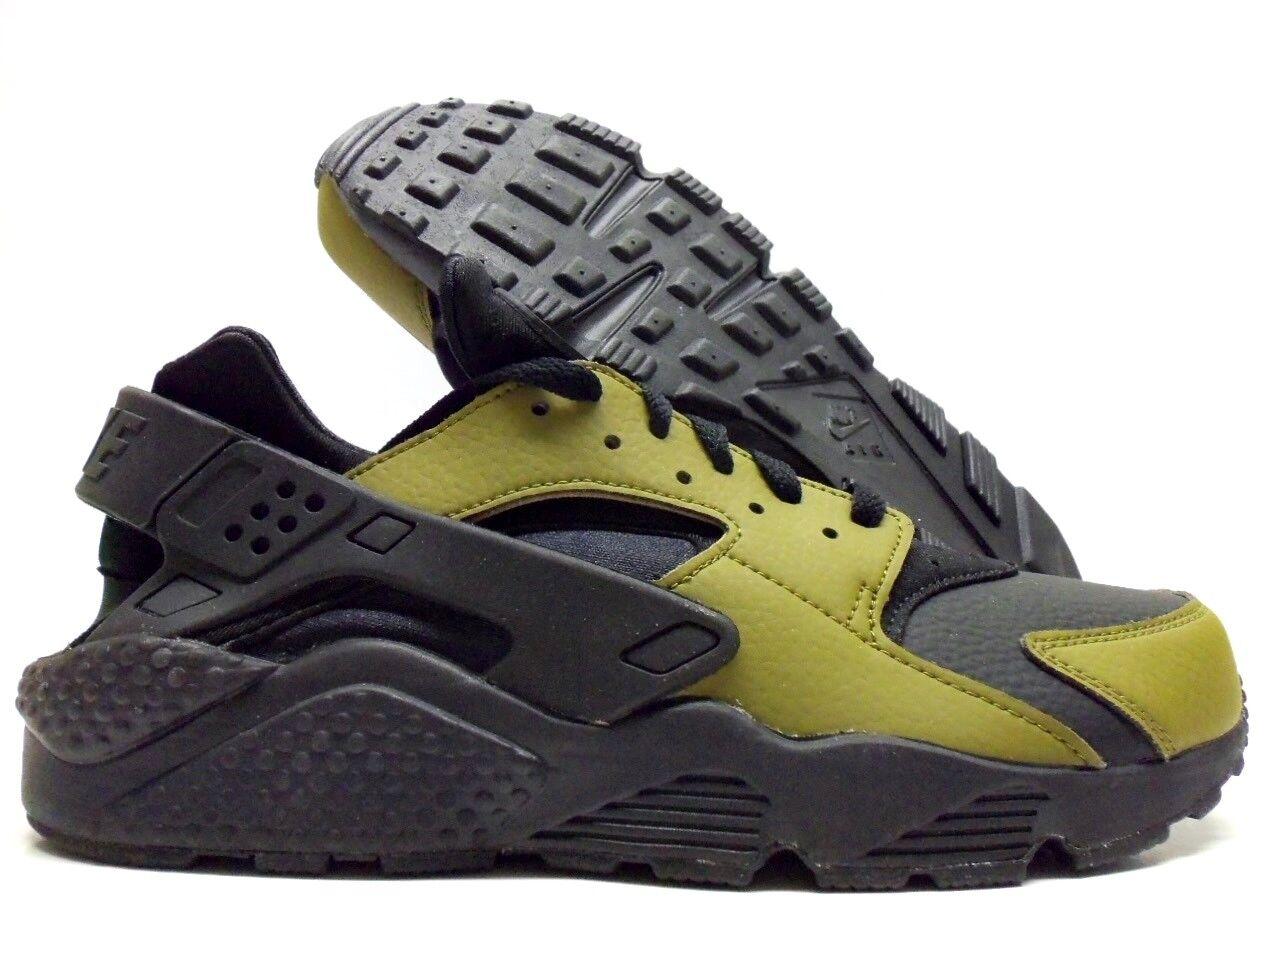 Nike air huarache correre id verde oliva / nero dimensioni uomini 9 [777330-985]